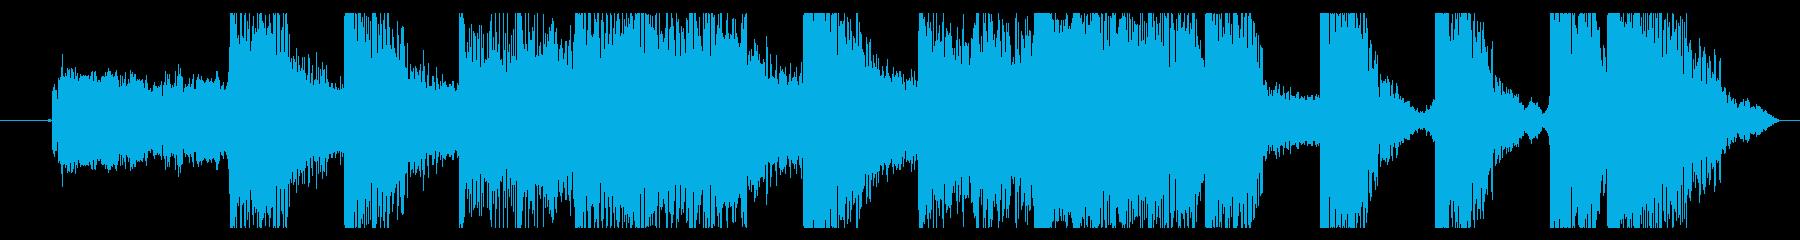 ロックギターでインパクトのあるジングル②の再生済みの波形